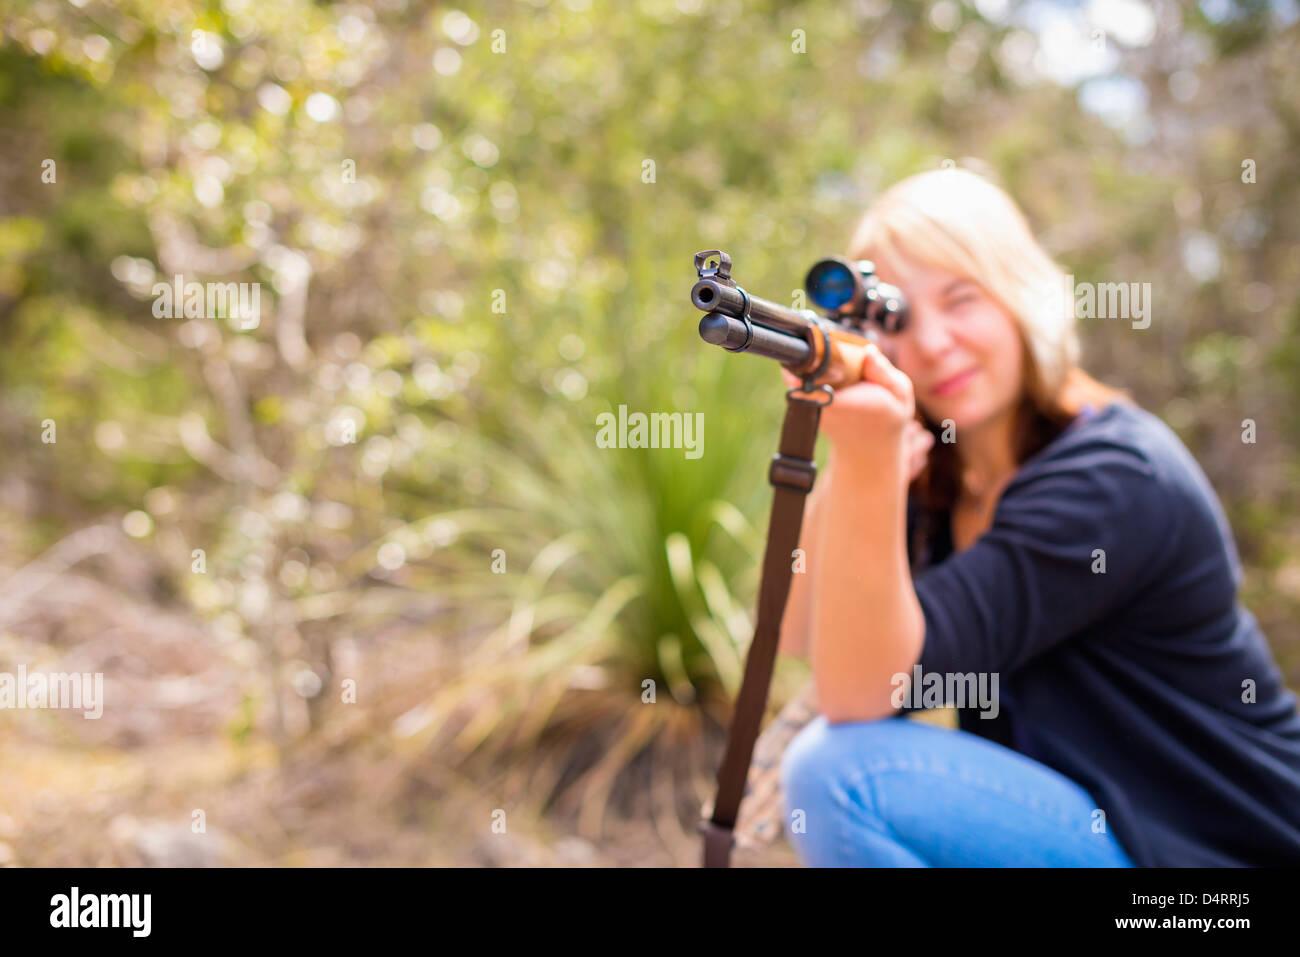 Jeune femme le tournage d'un fusil de chasse, armes à feu 19 femelles de race blanche, Texas, États Photo Stock